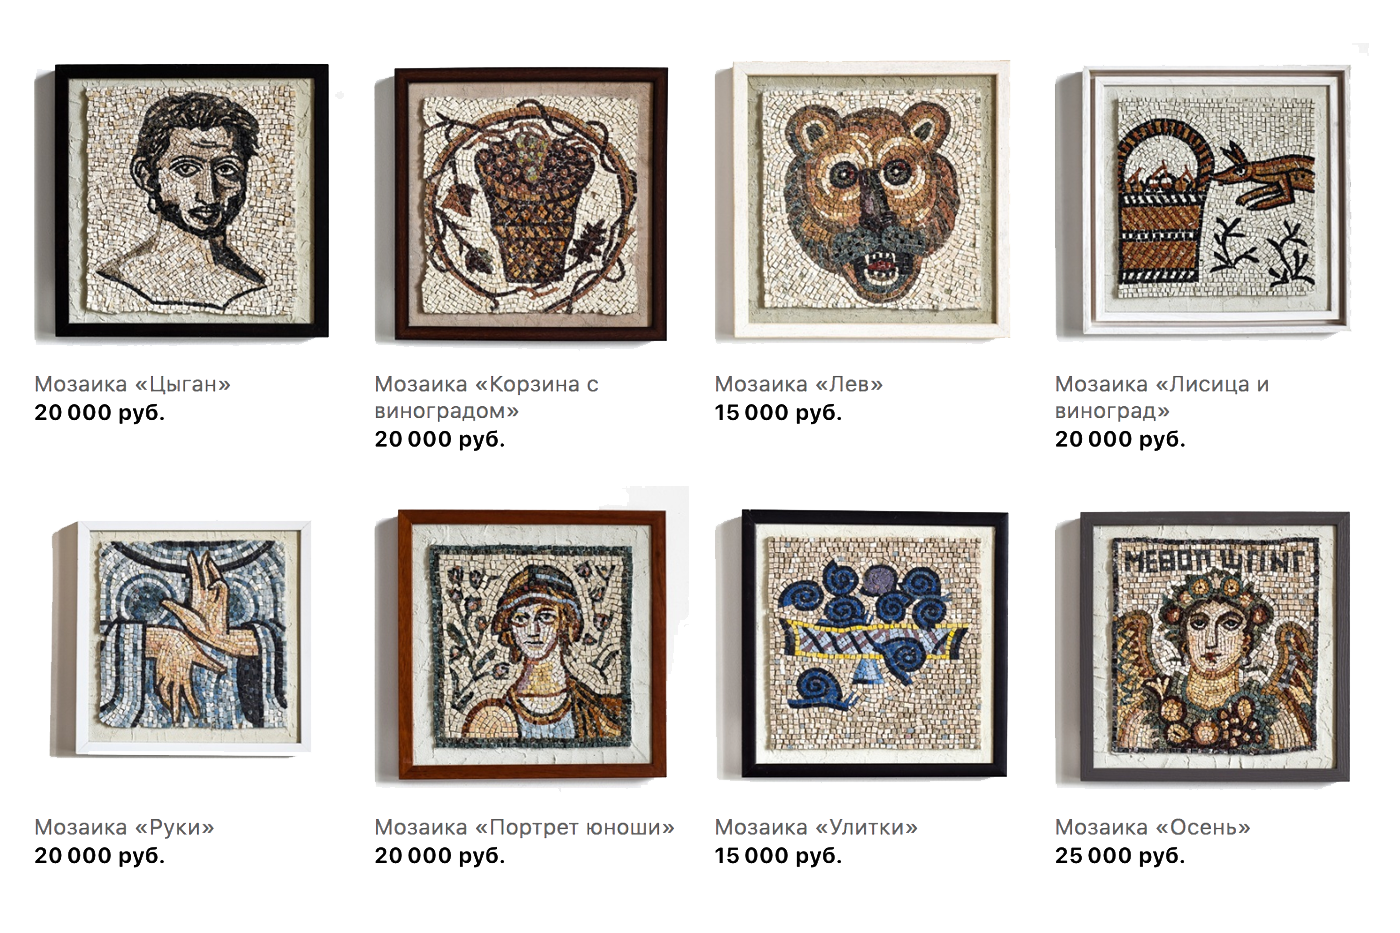 Примеры работ из магазина мозаики в группе «СадГранат» во ВКонтакте